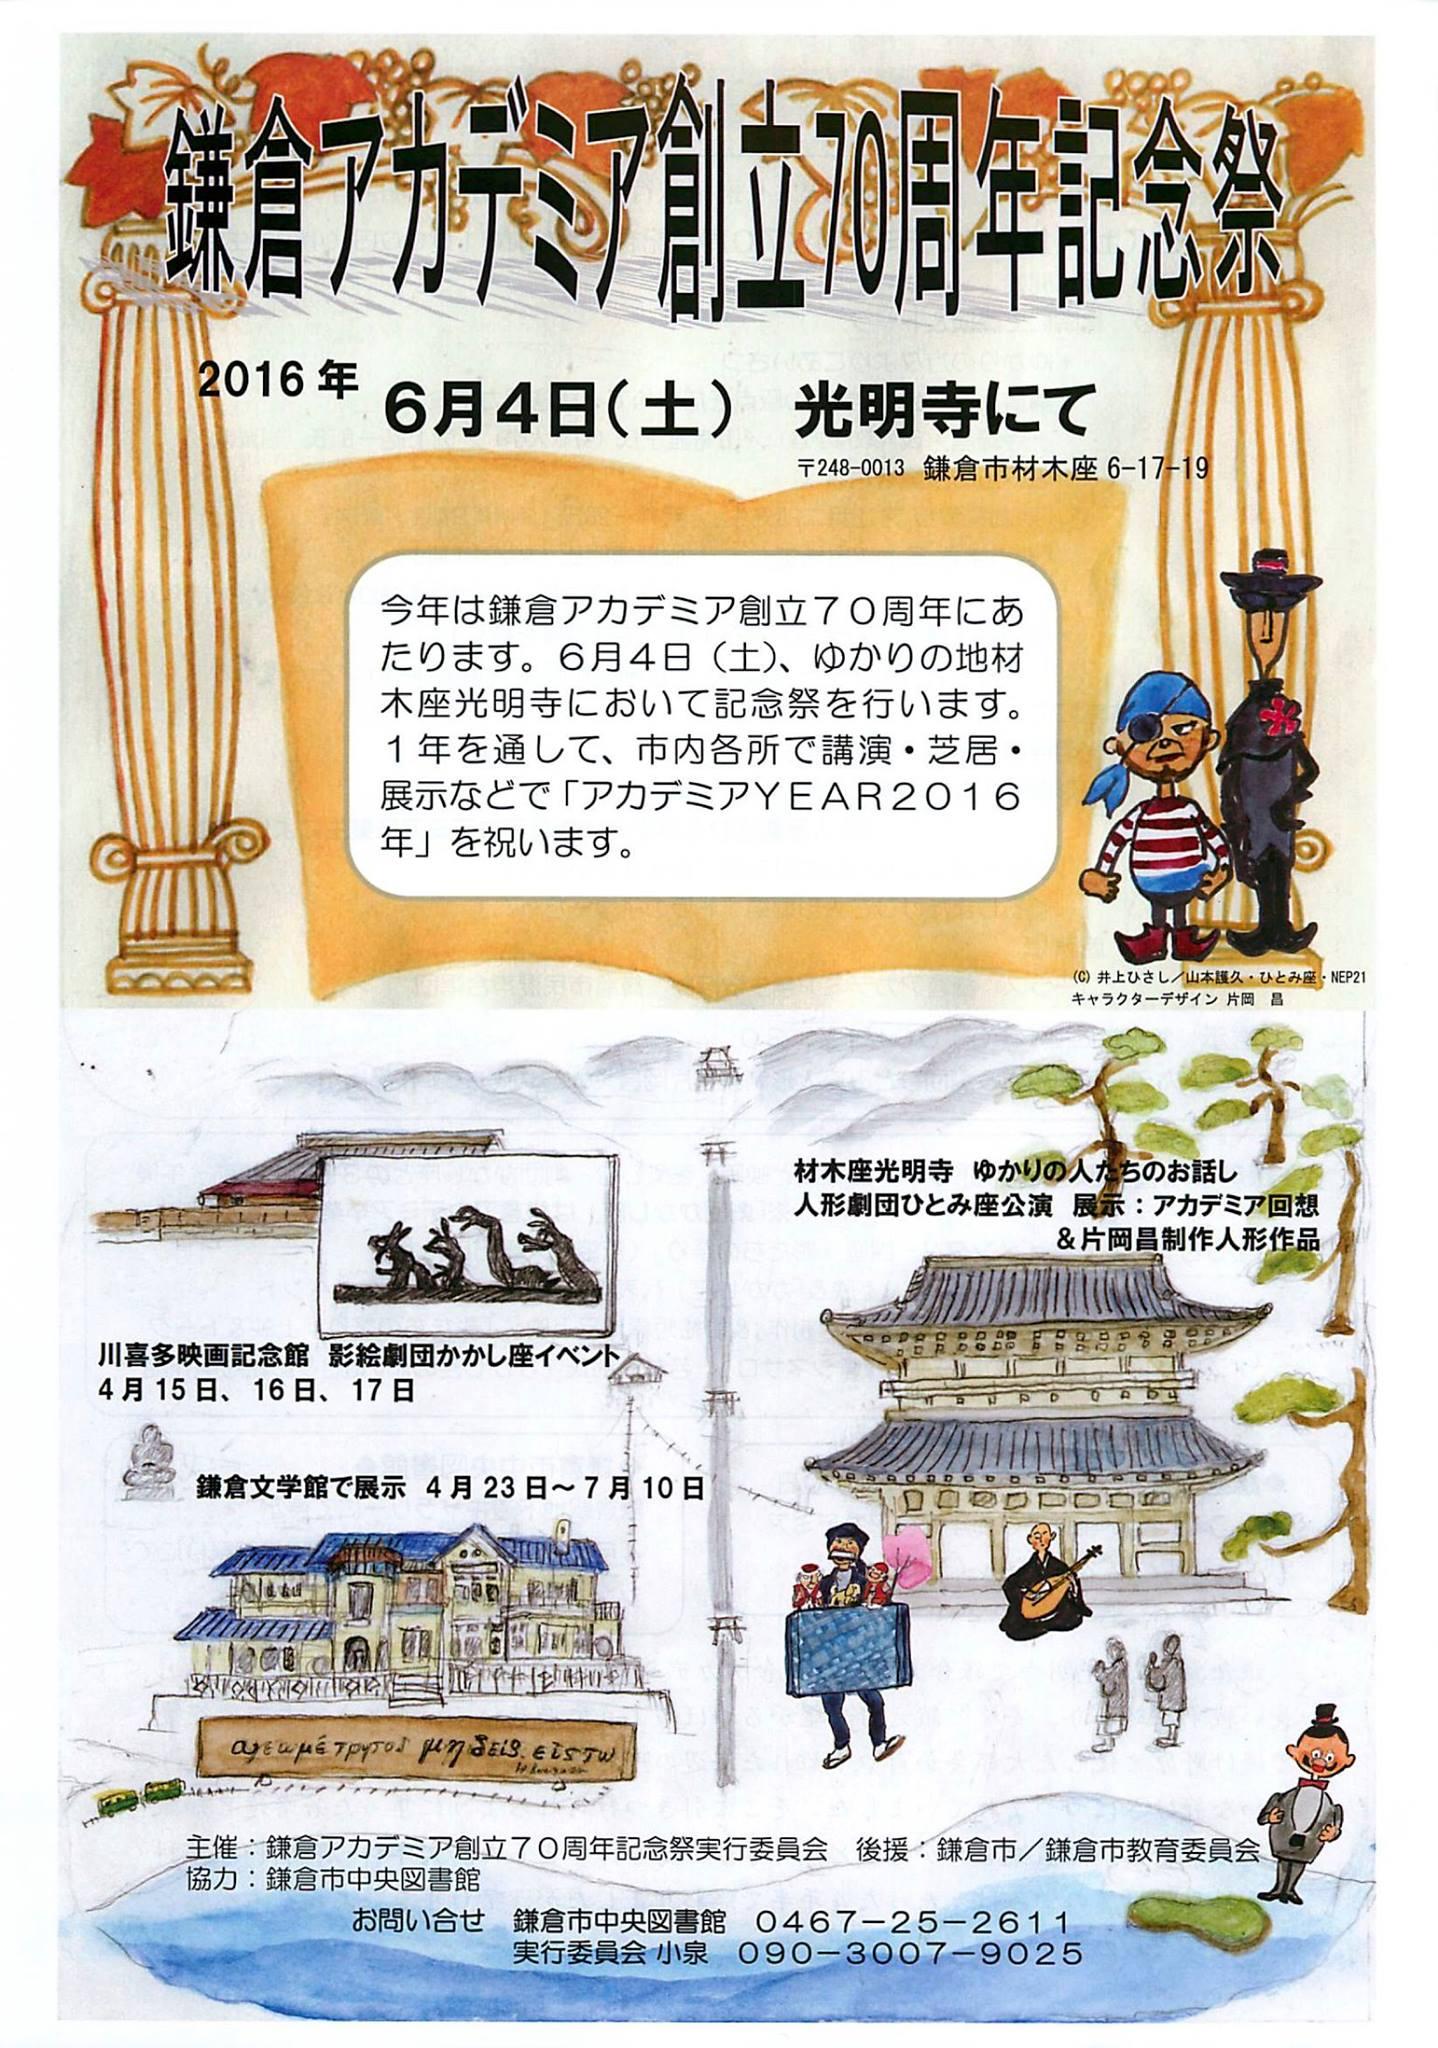 鎌倉アカデミア 創立70周年記念